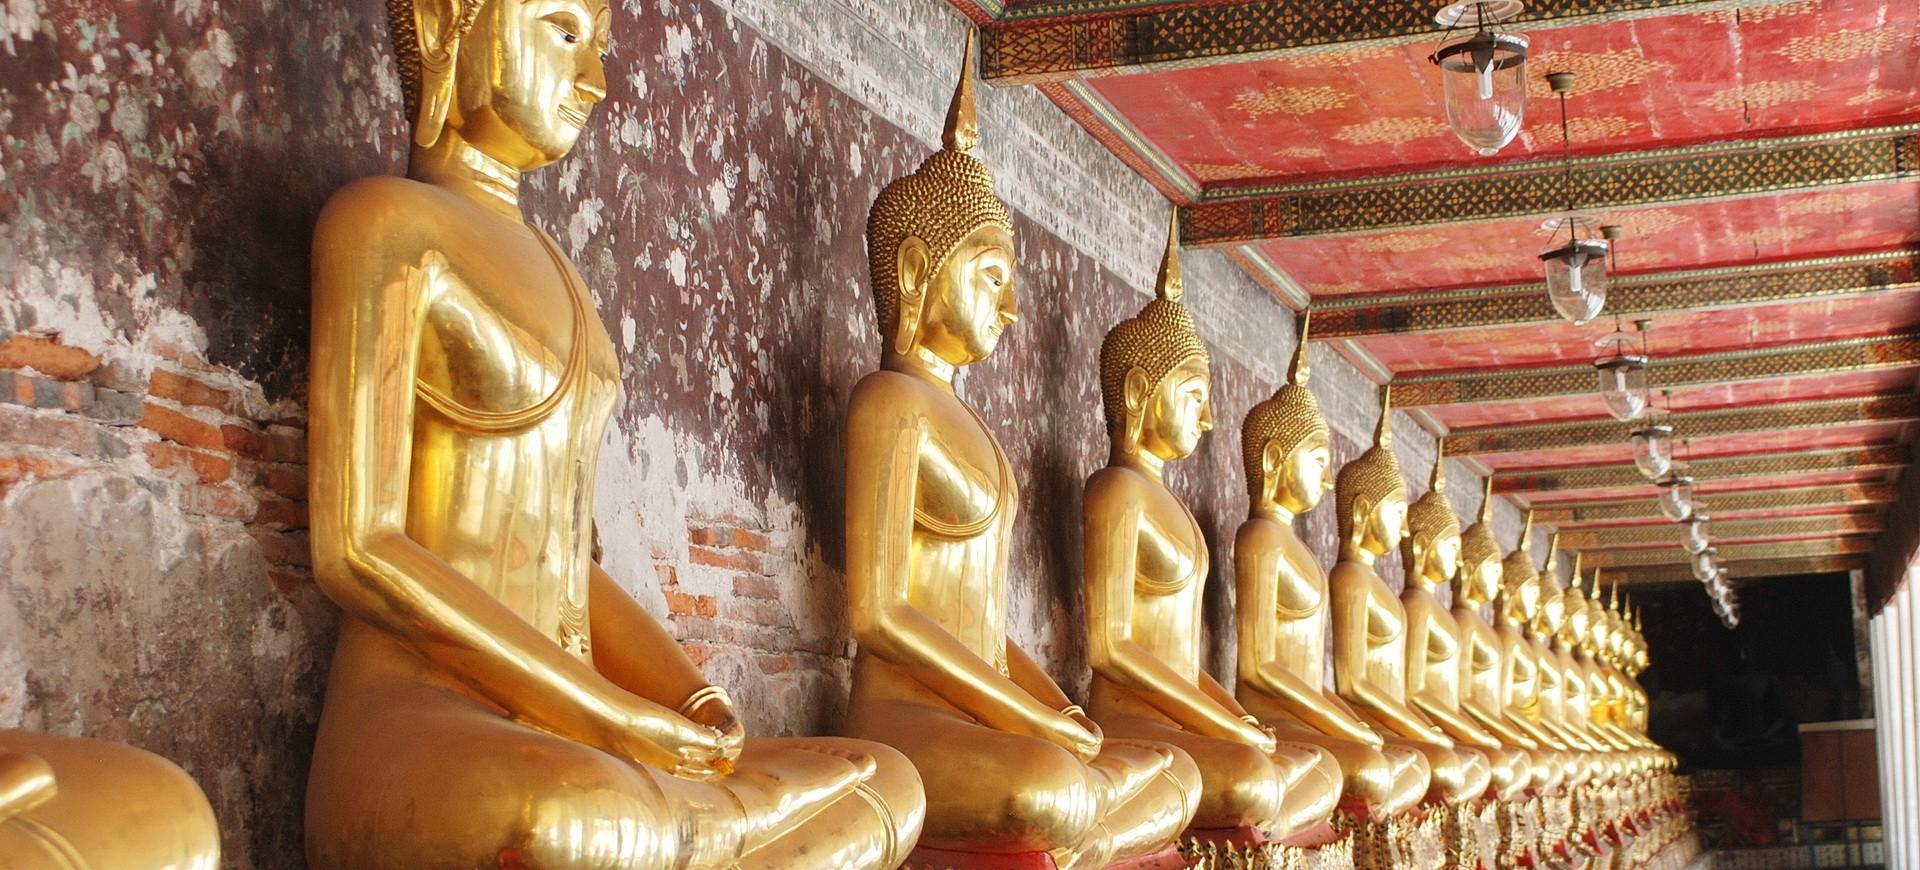 Nos voyages et séjours en Thaïlande